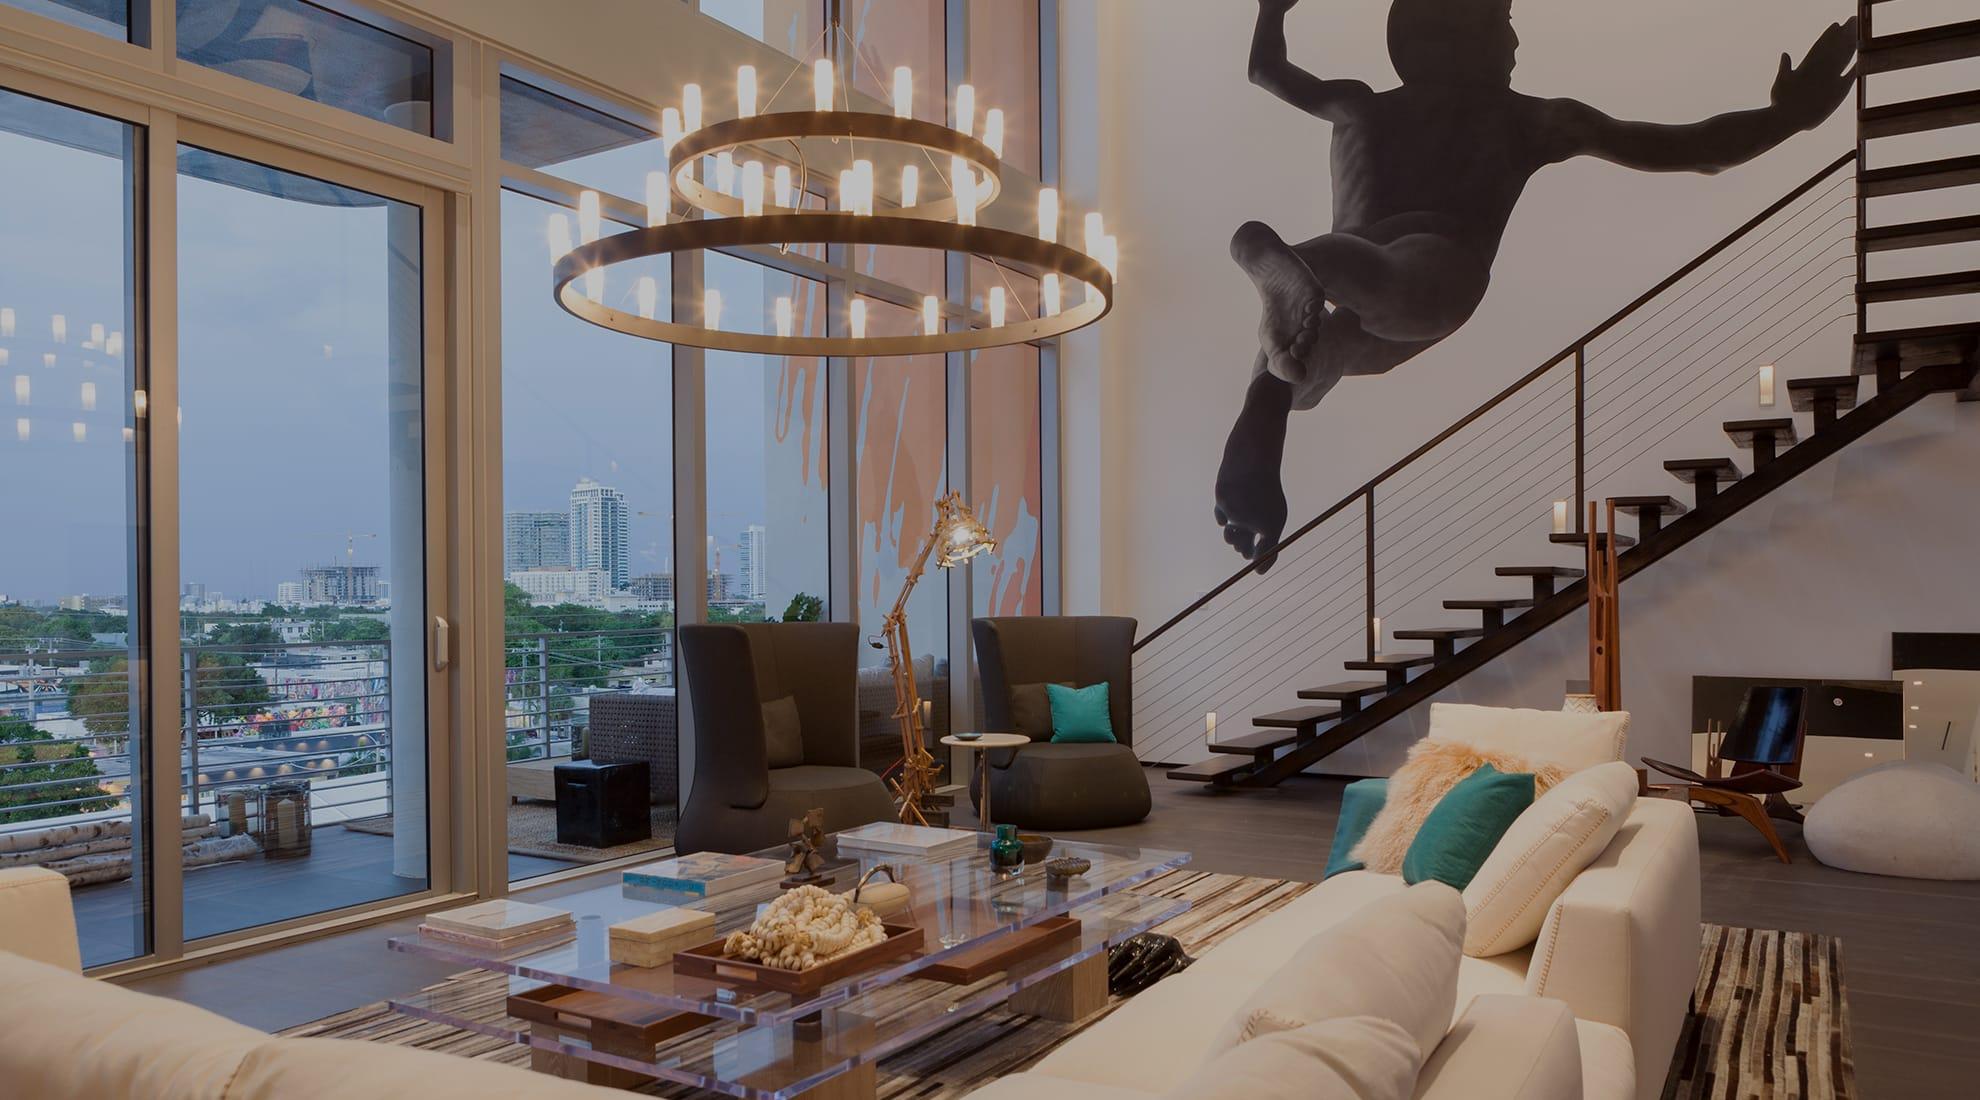 Living Room Lighting Guide